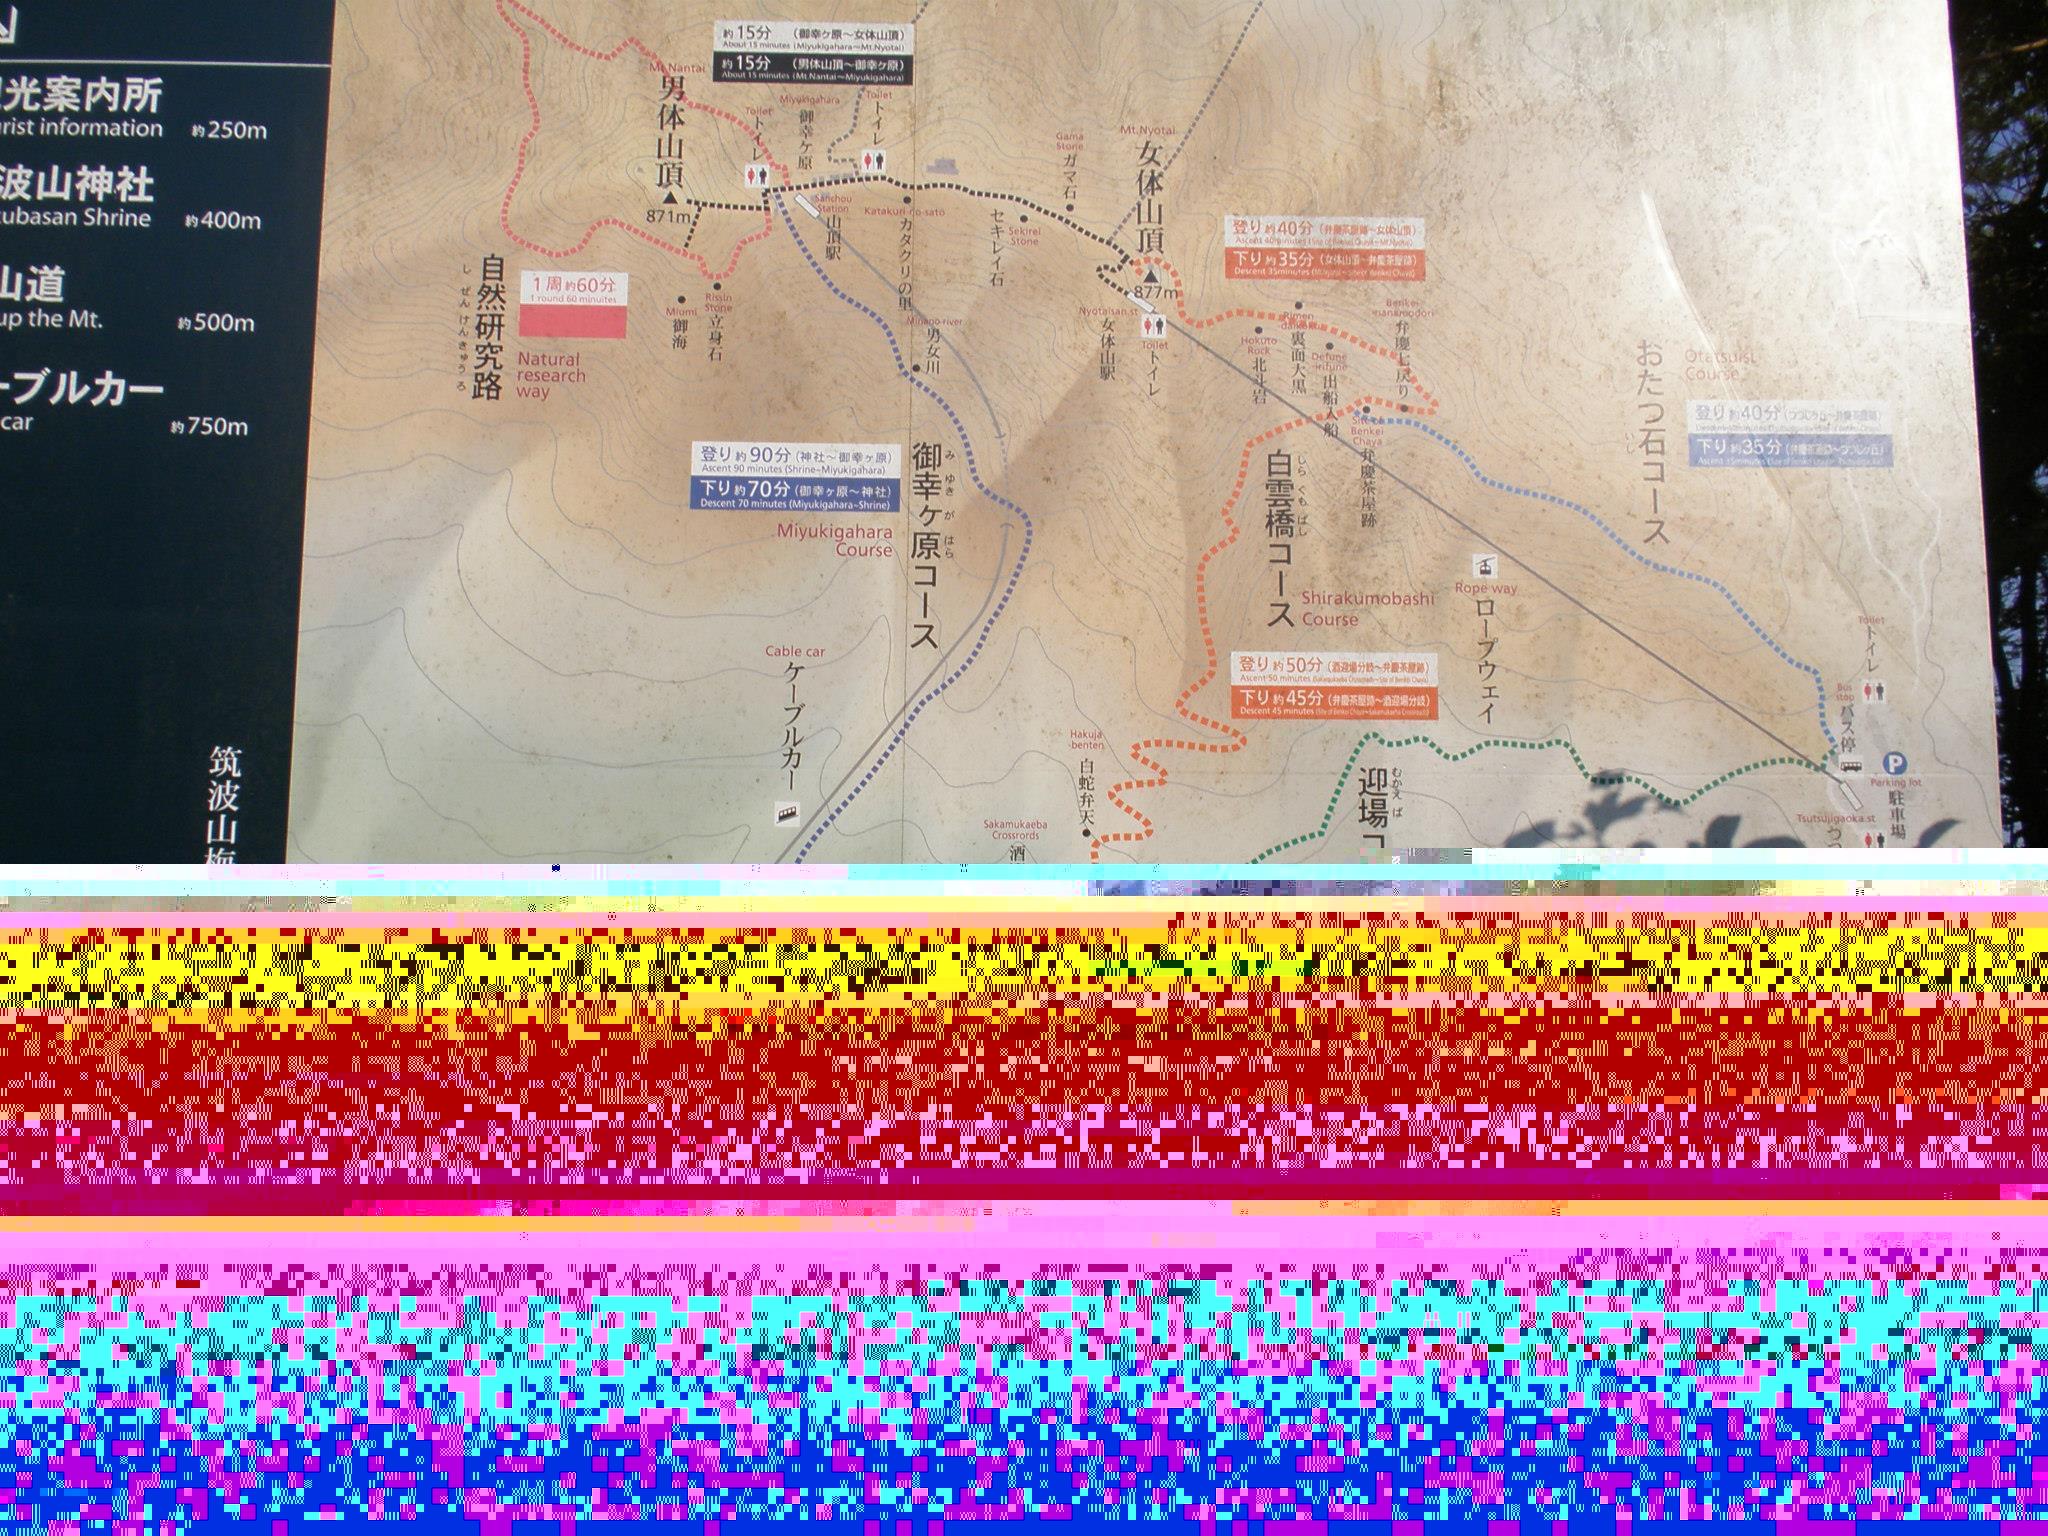 筑波山 マップ 混雑